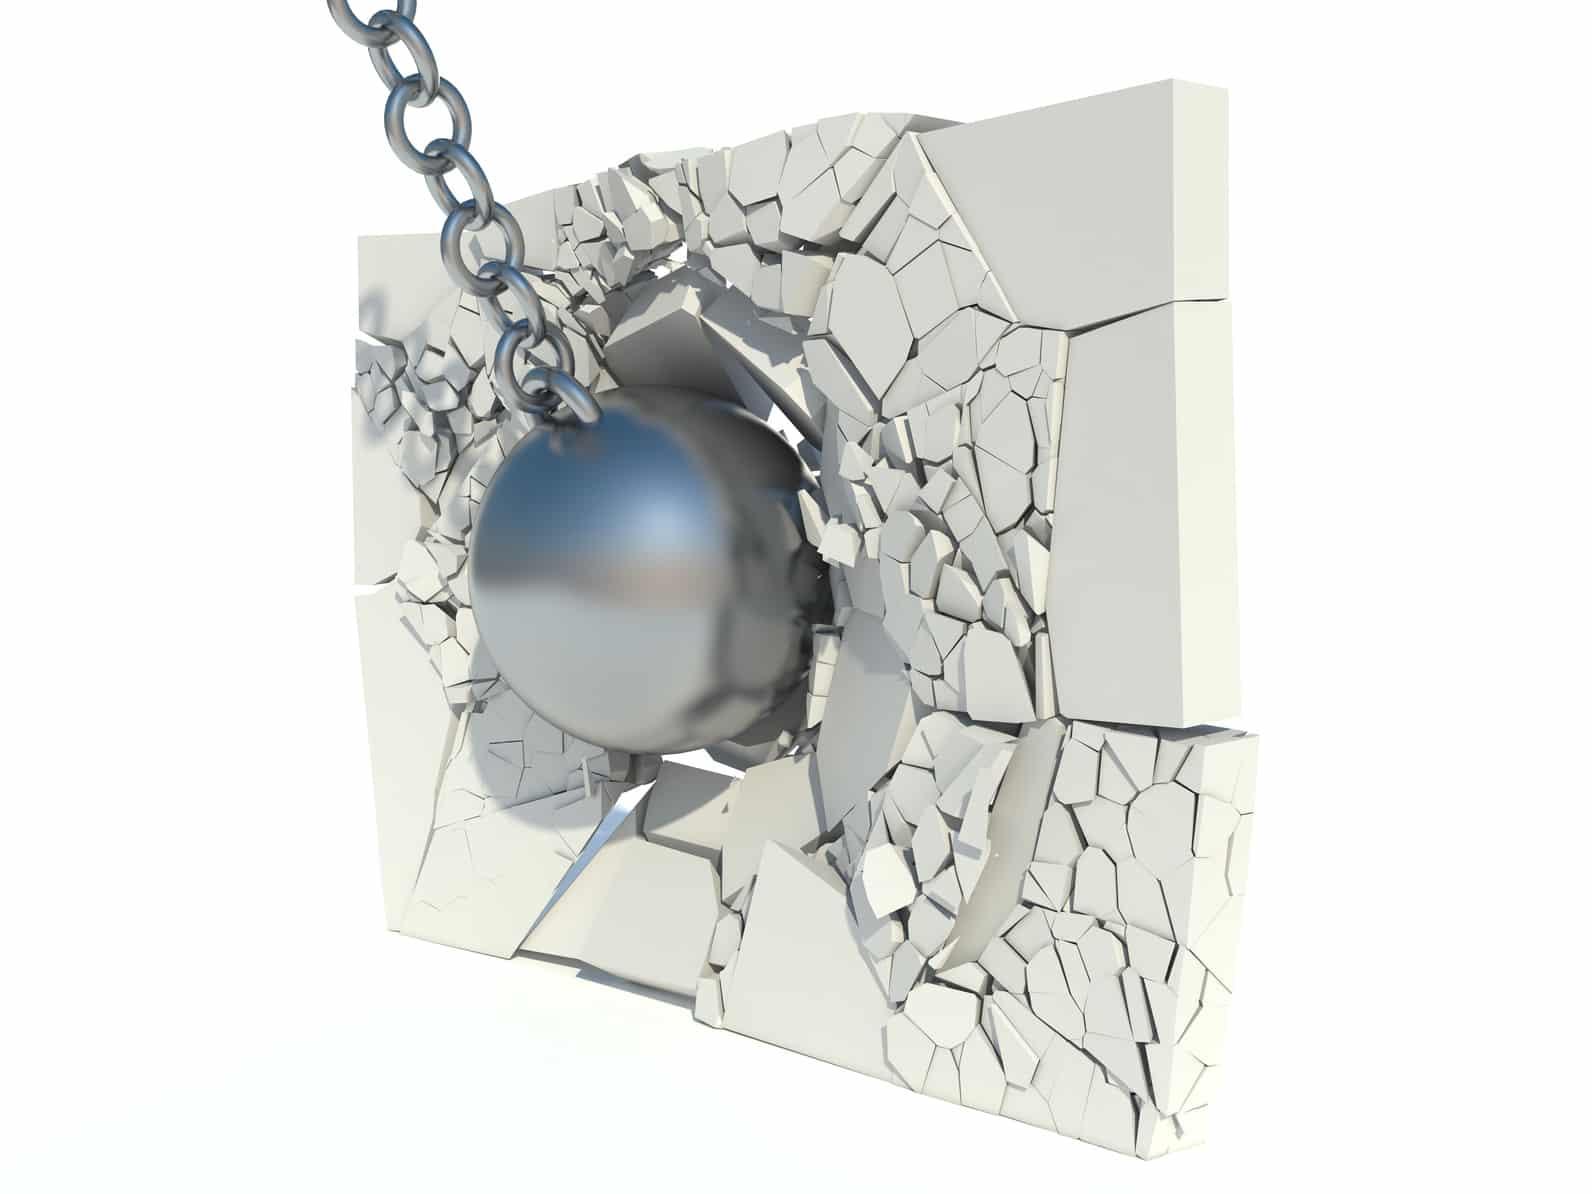 Casser Une Cloison En Brique toutes les étapes pour abattre ou casser une cloison